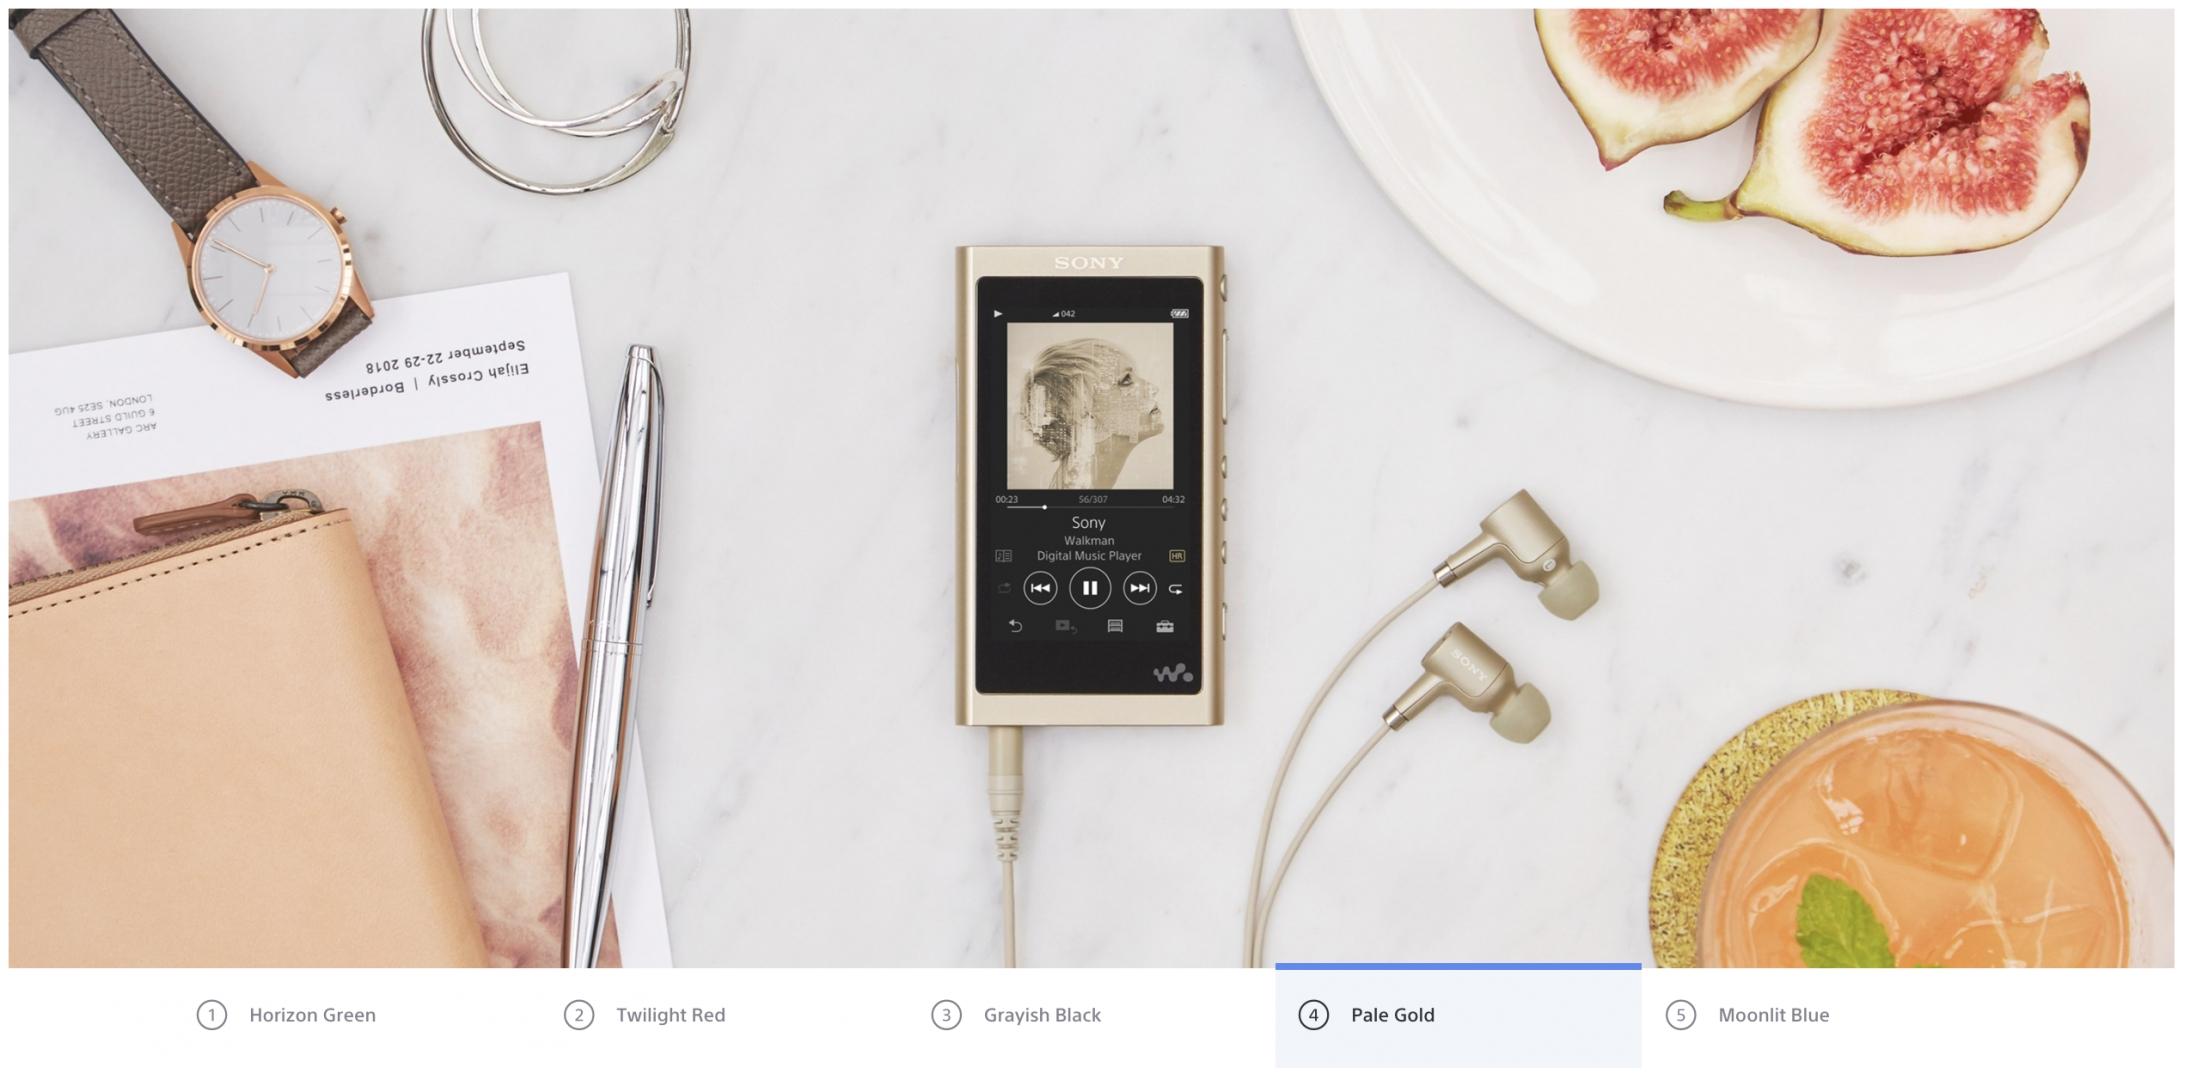 Sony Walkman NW-A56